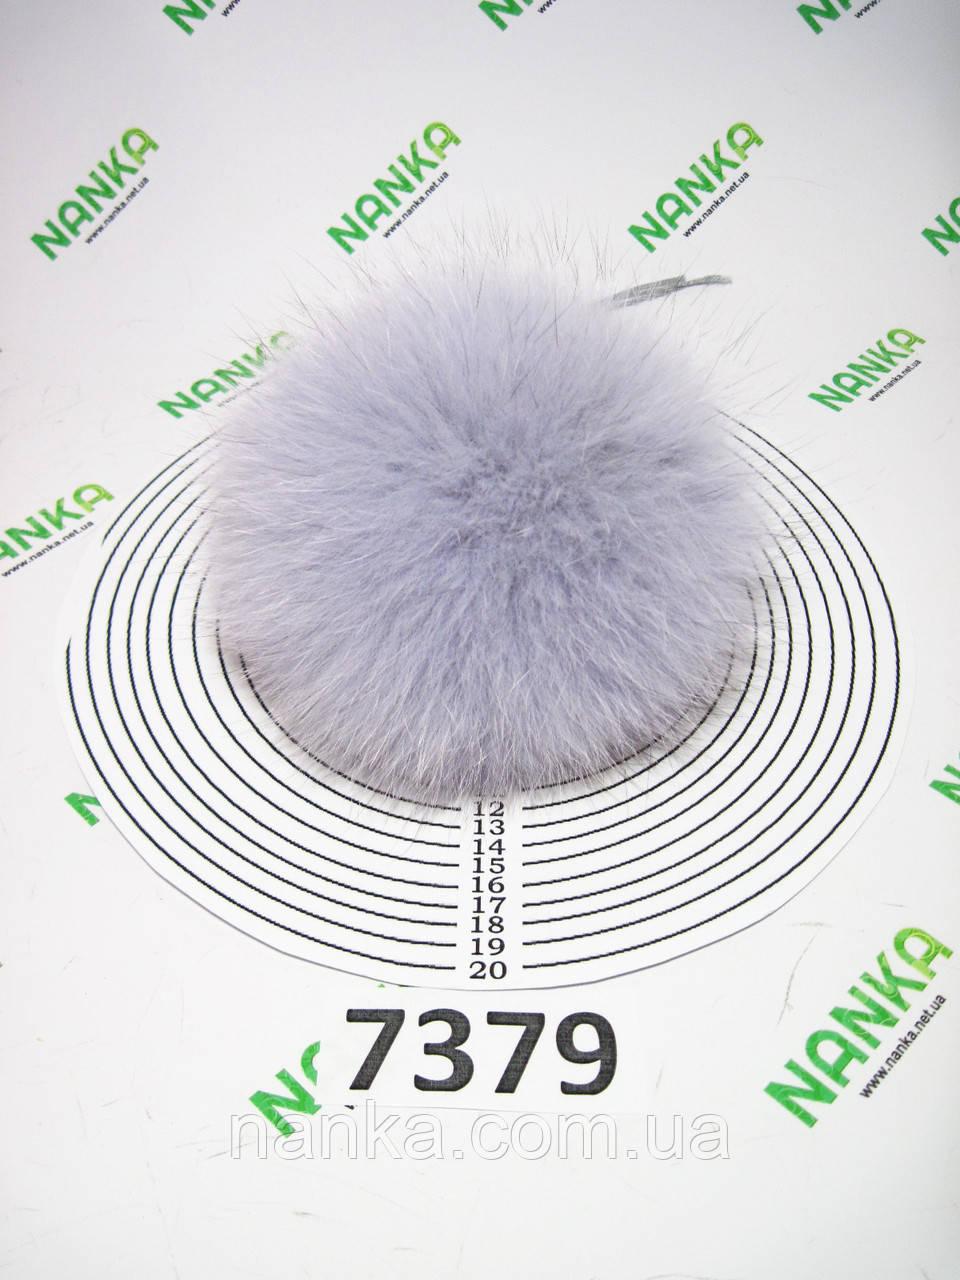 Меховой помпон Песец, Серо-голубой, 12 см, 7379